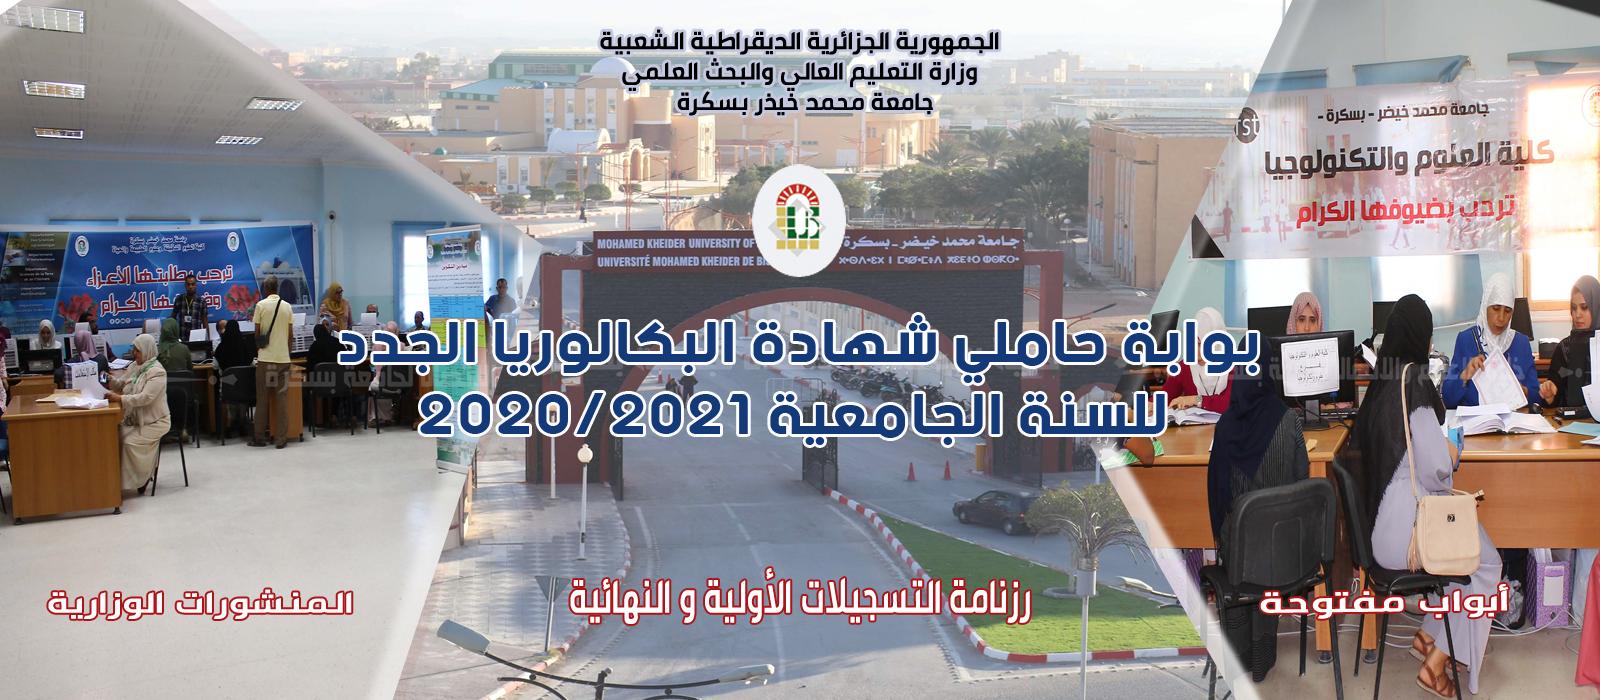 بوابة حاملي شهادة البكالوريا الجدد للسنة الجامعية 2020-2021